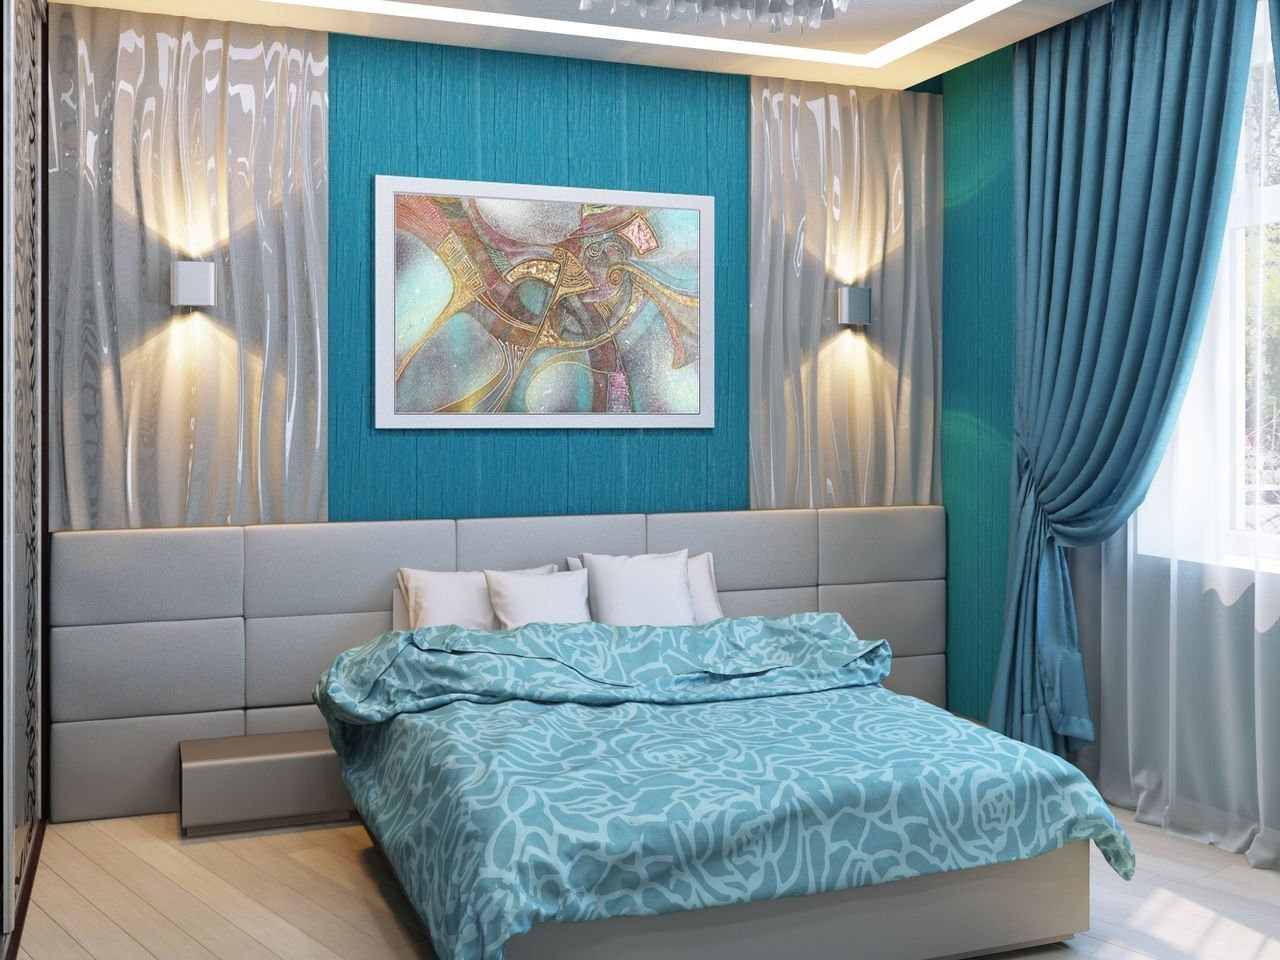 Фото спальни в бирюзово коричневых оттенках